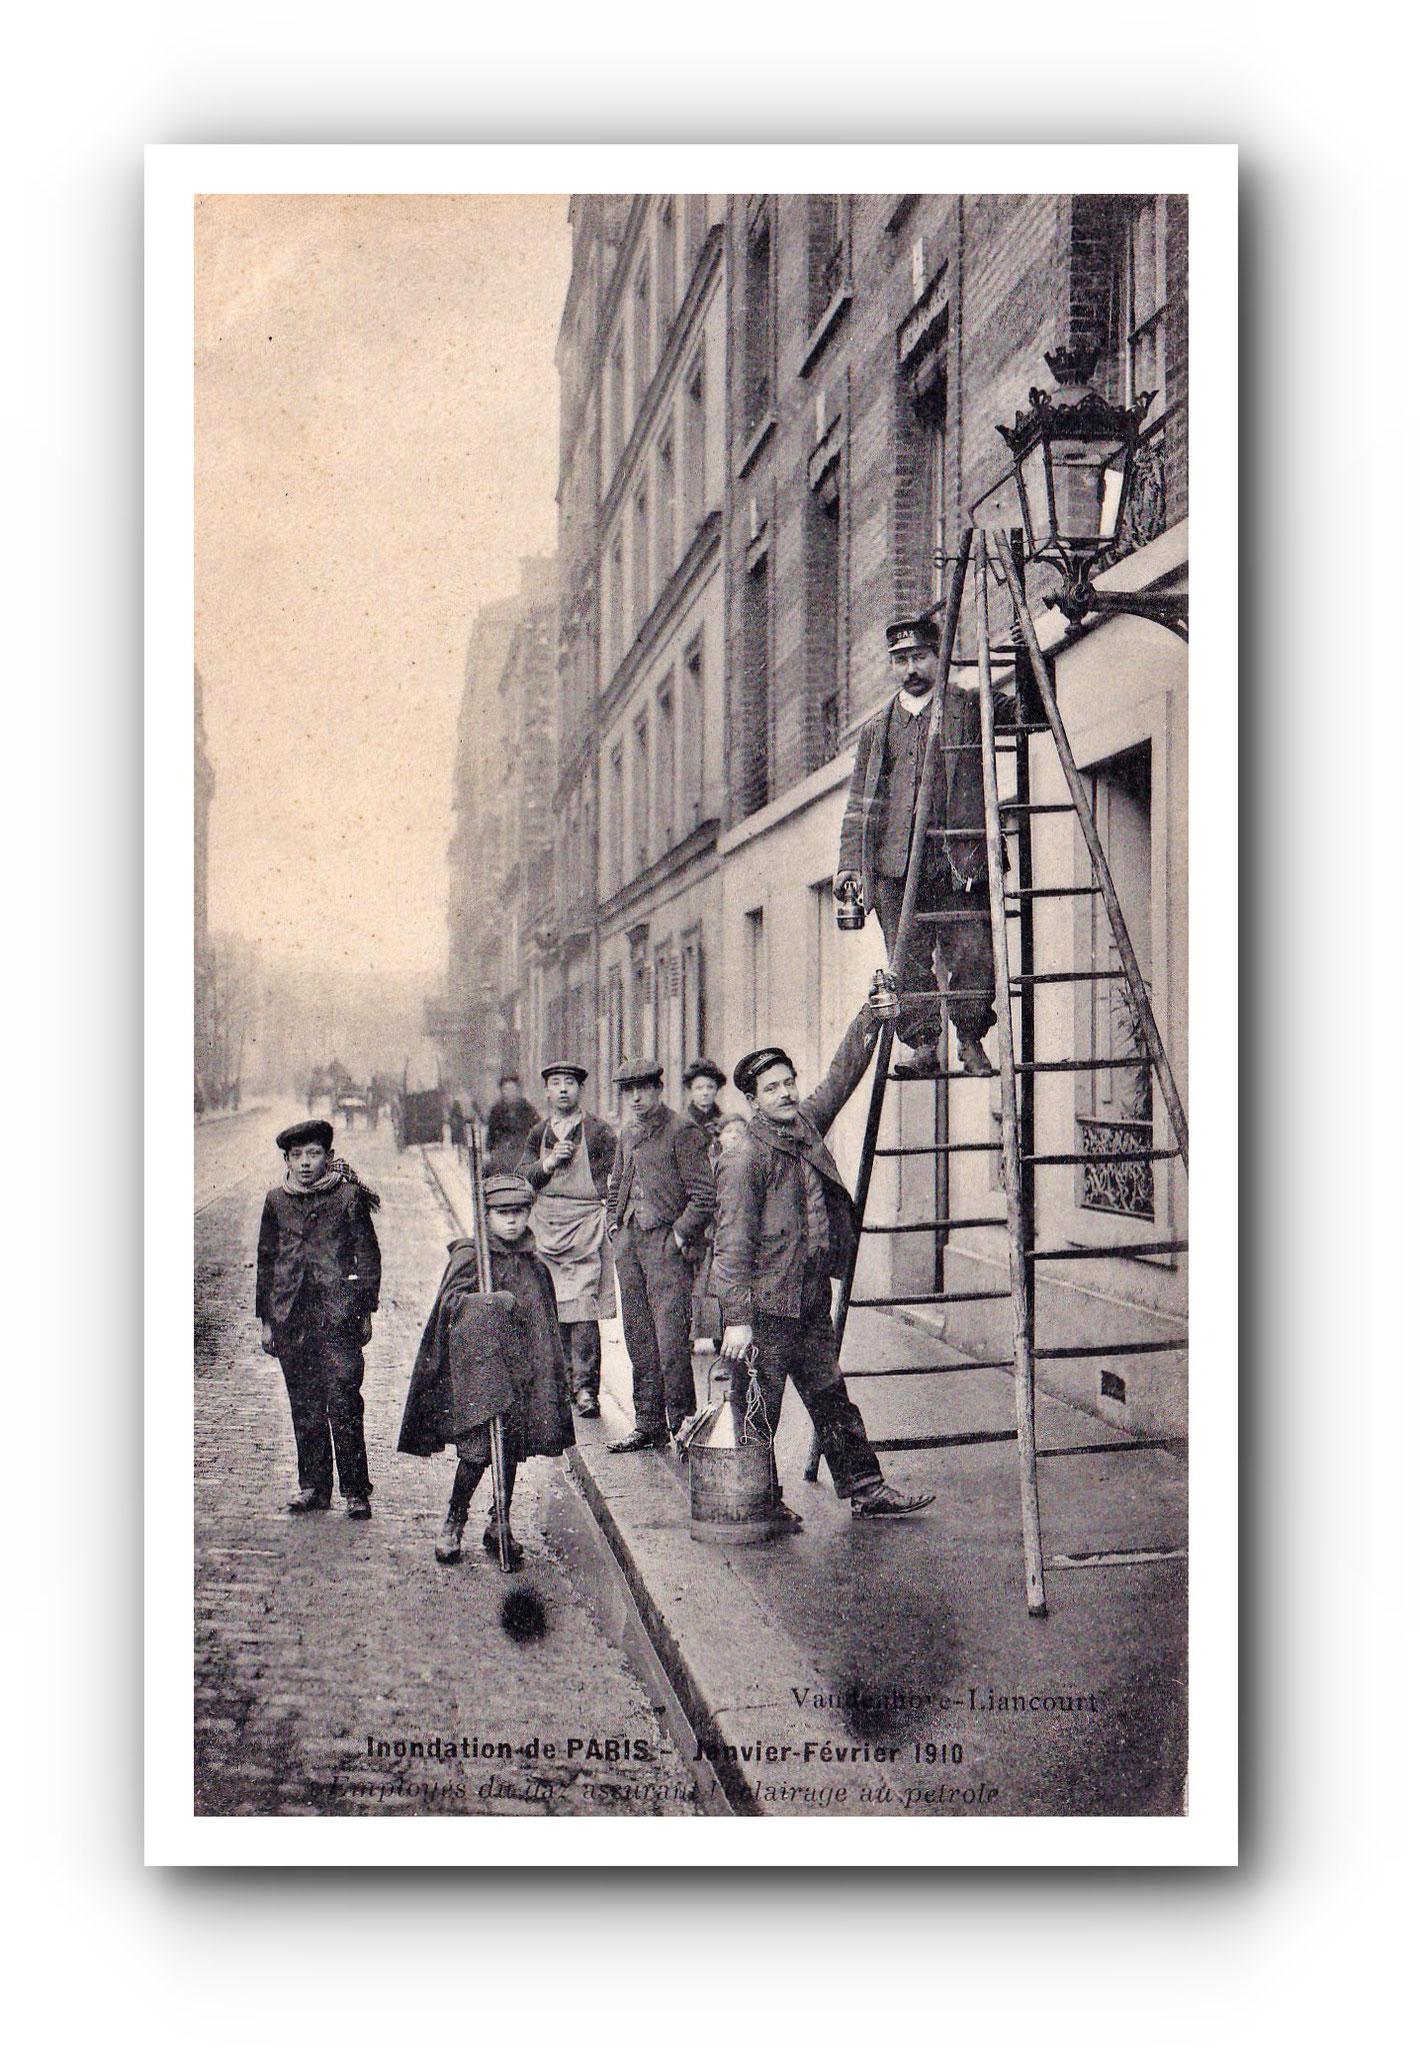 Inondation de PARIS - 1910 - Überschwemmung in Paris - Flood in Paris